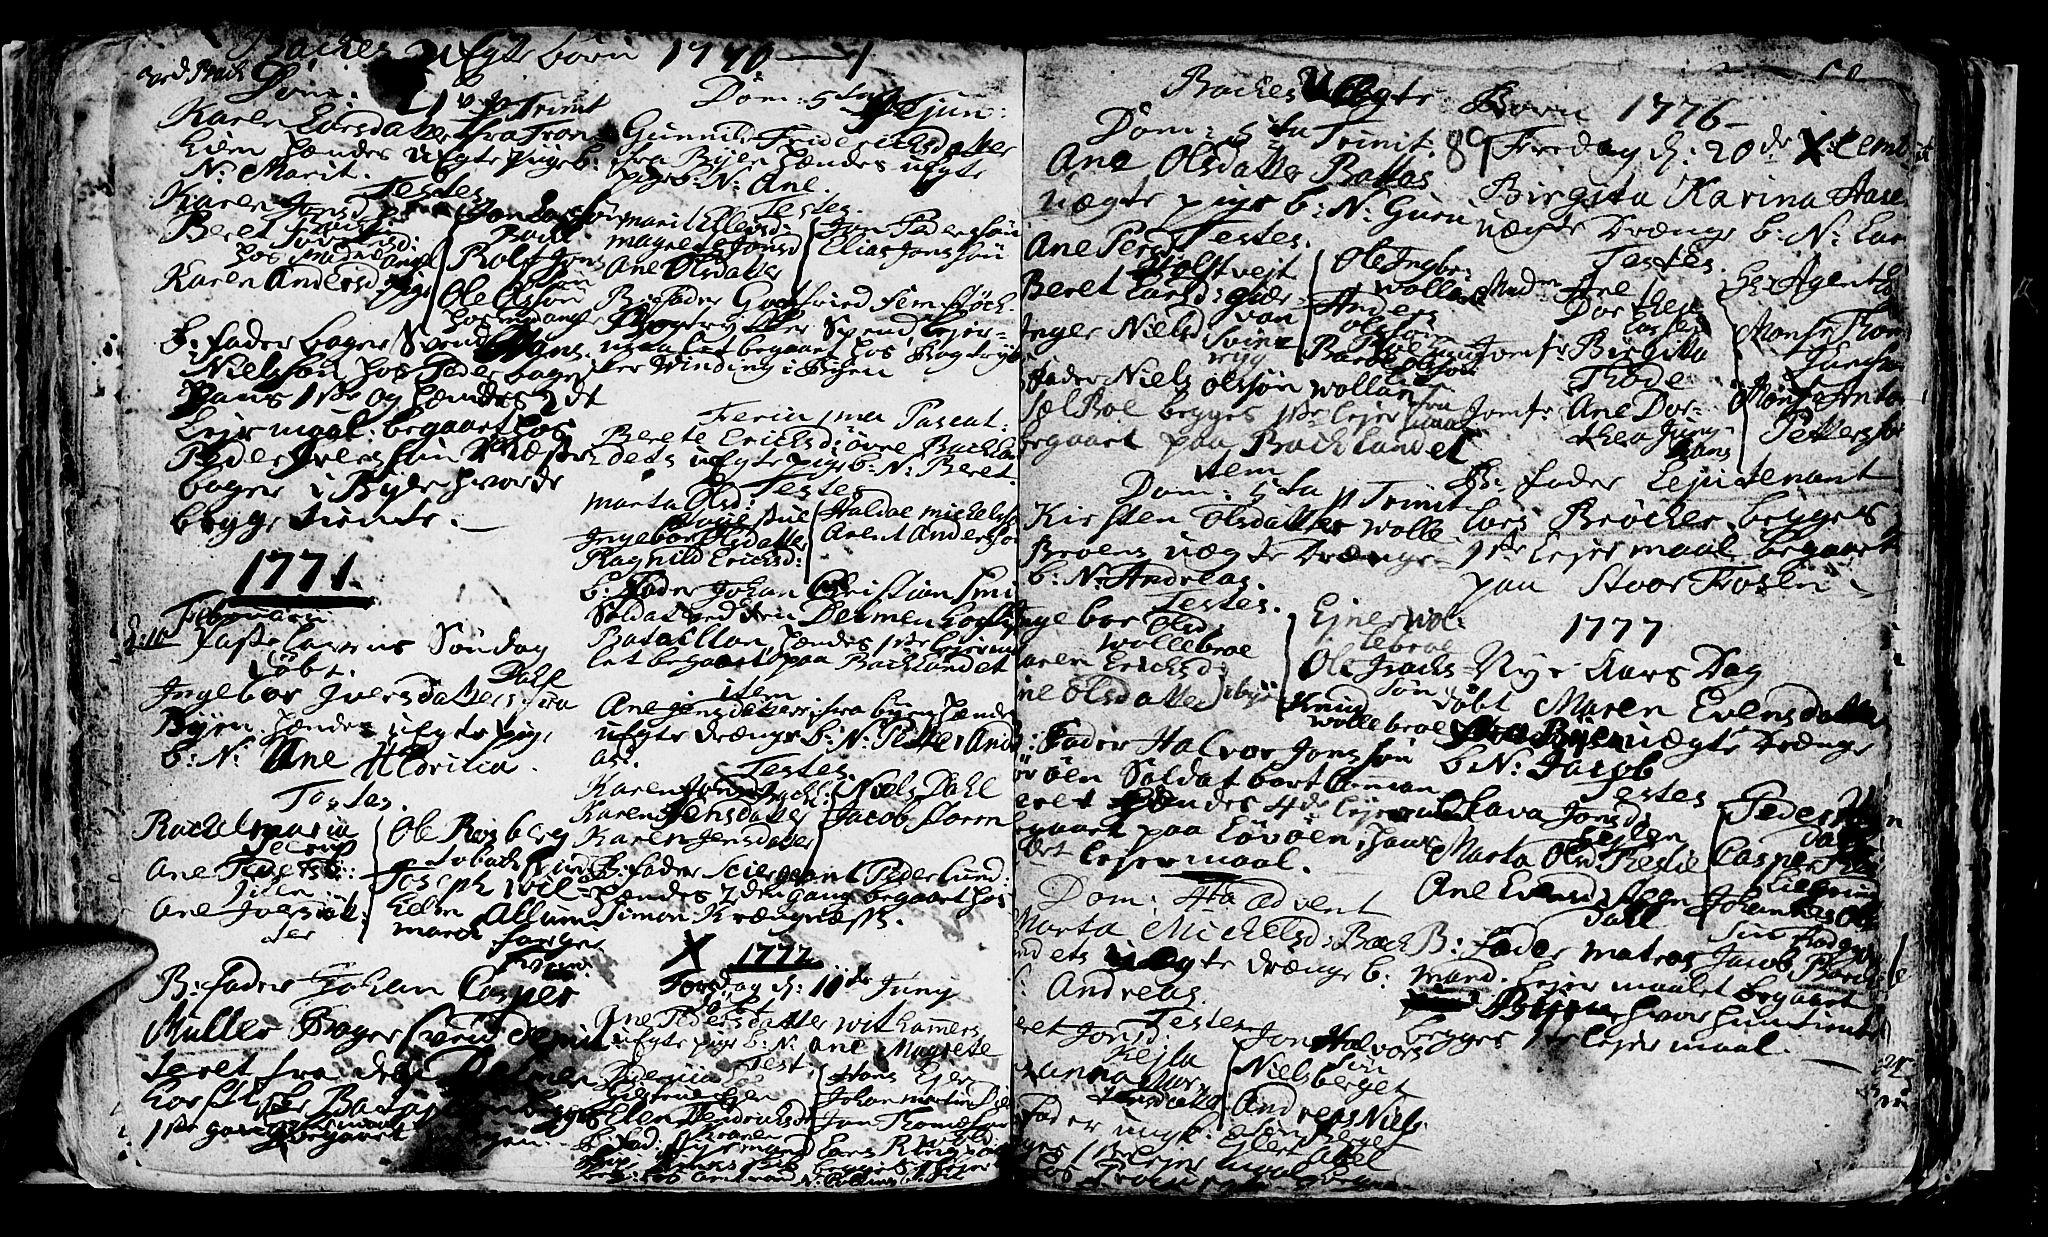 SAT, Ministerialprotokoller, klokkerbøker og fødselsregistre - Sør-Trøndelag, 604/L0218: Klokkerbok nr. 604C01, 1754-1819, s. 89